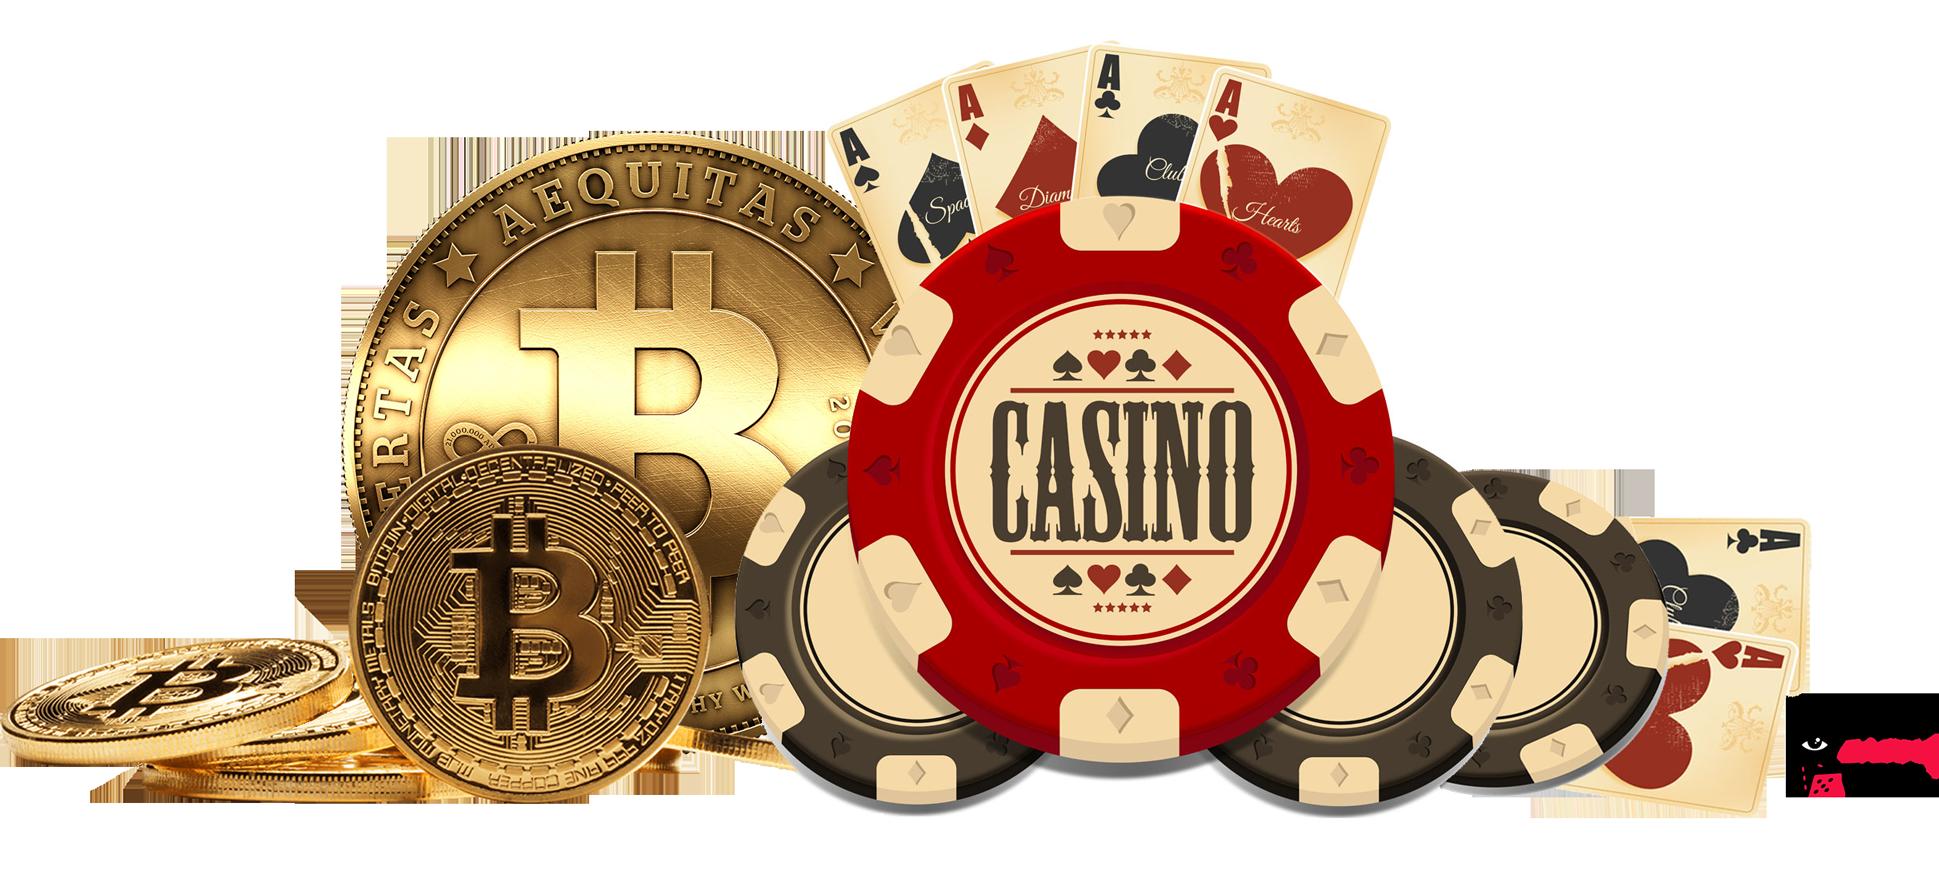 игровые автоматы играть с бонусом на биткоин в azinobtc